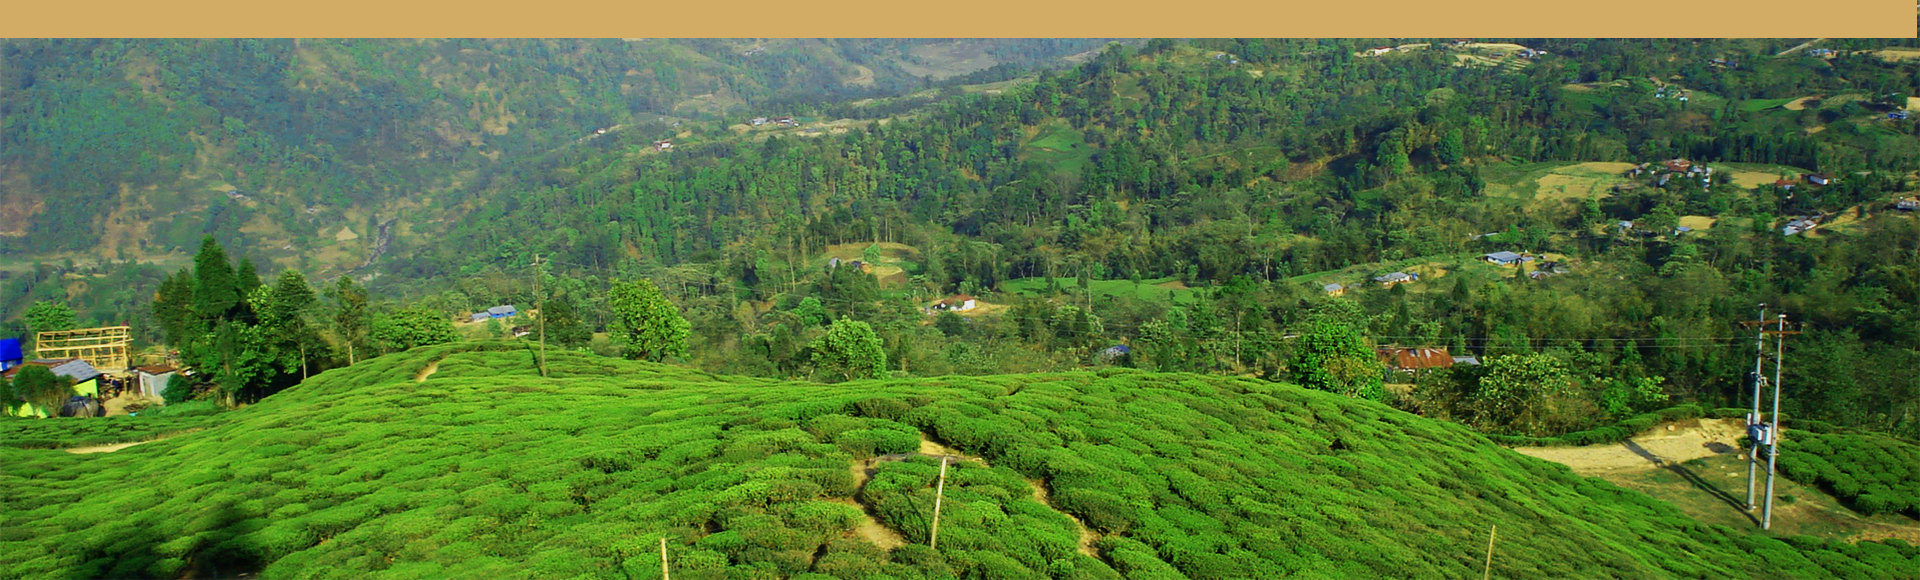 té negro - jardines de té en Nepal